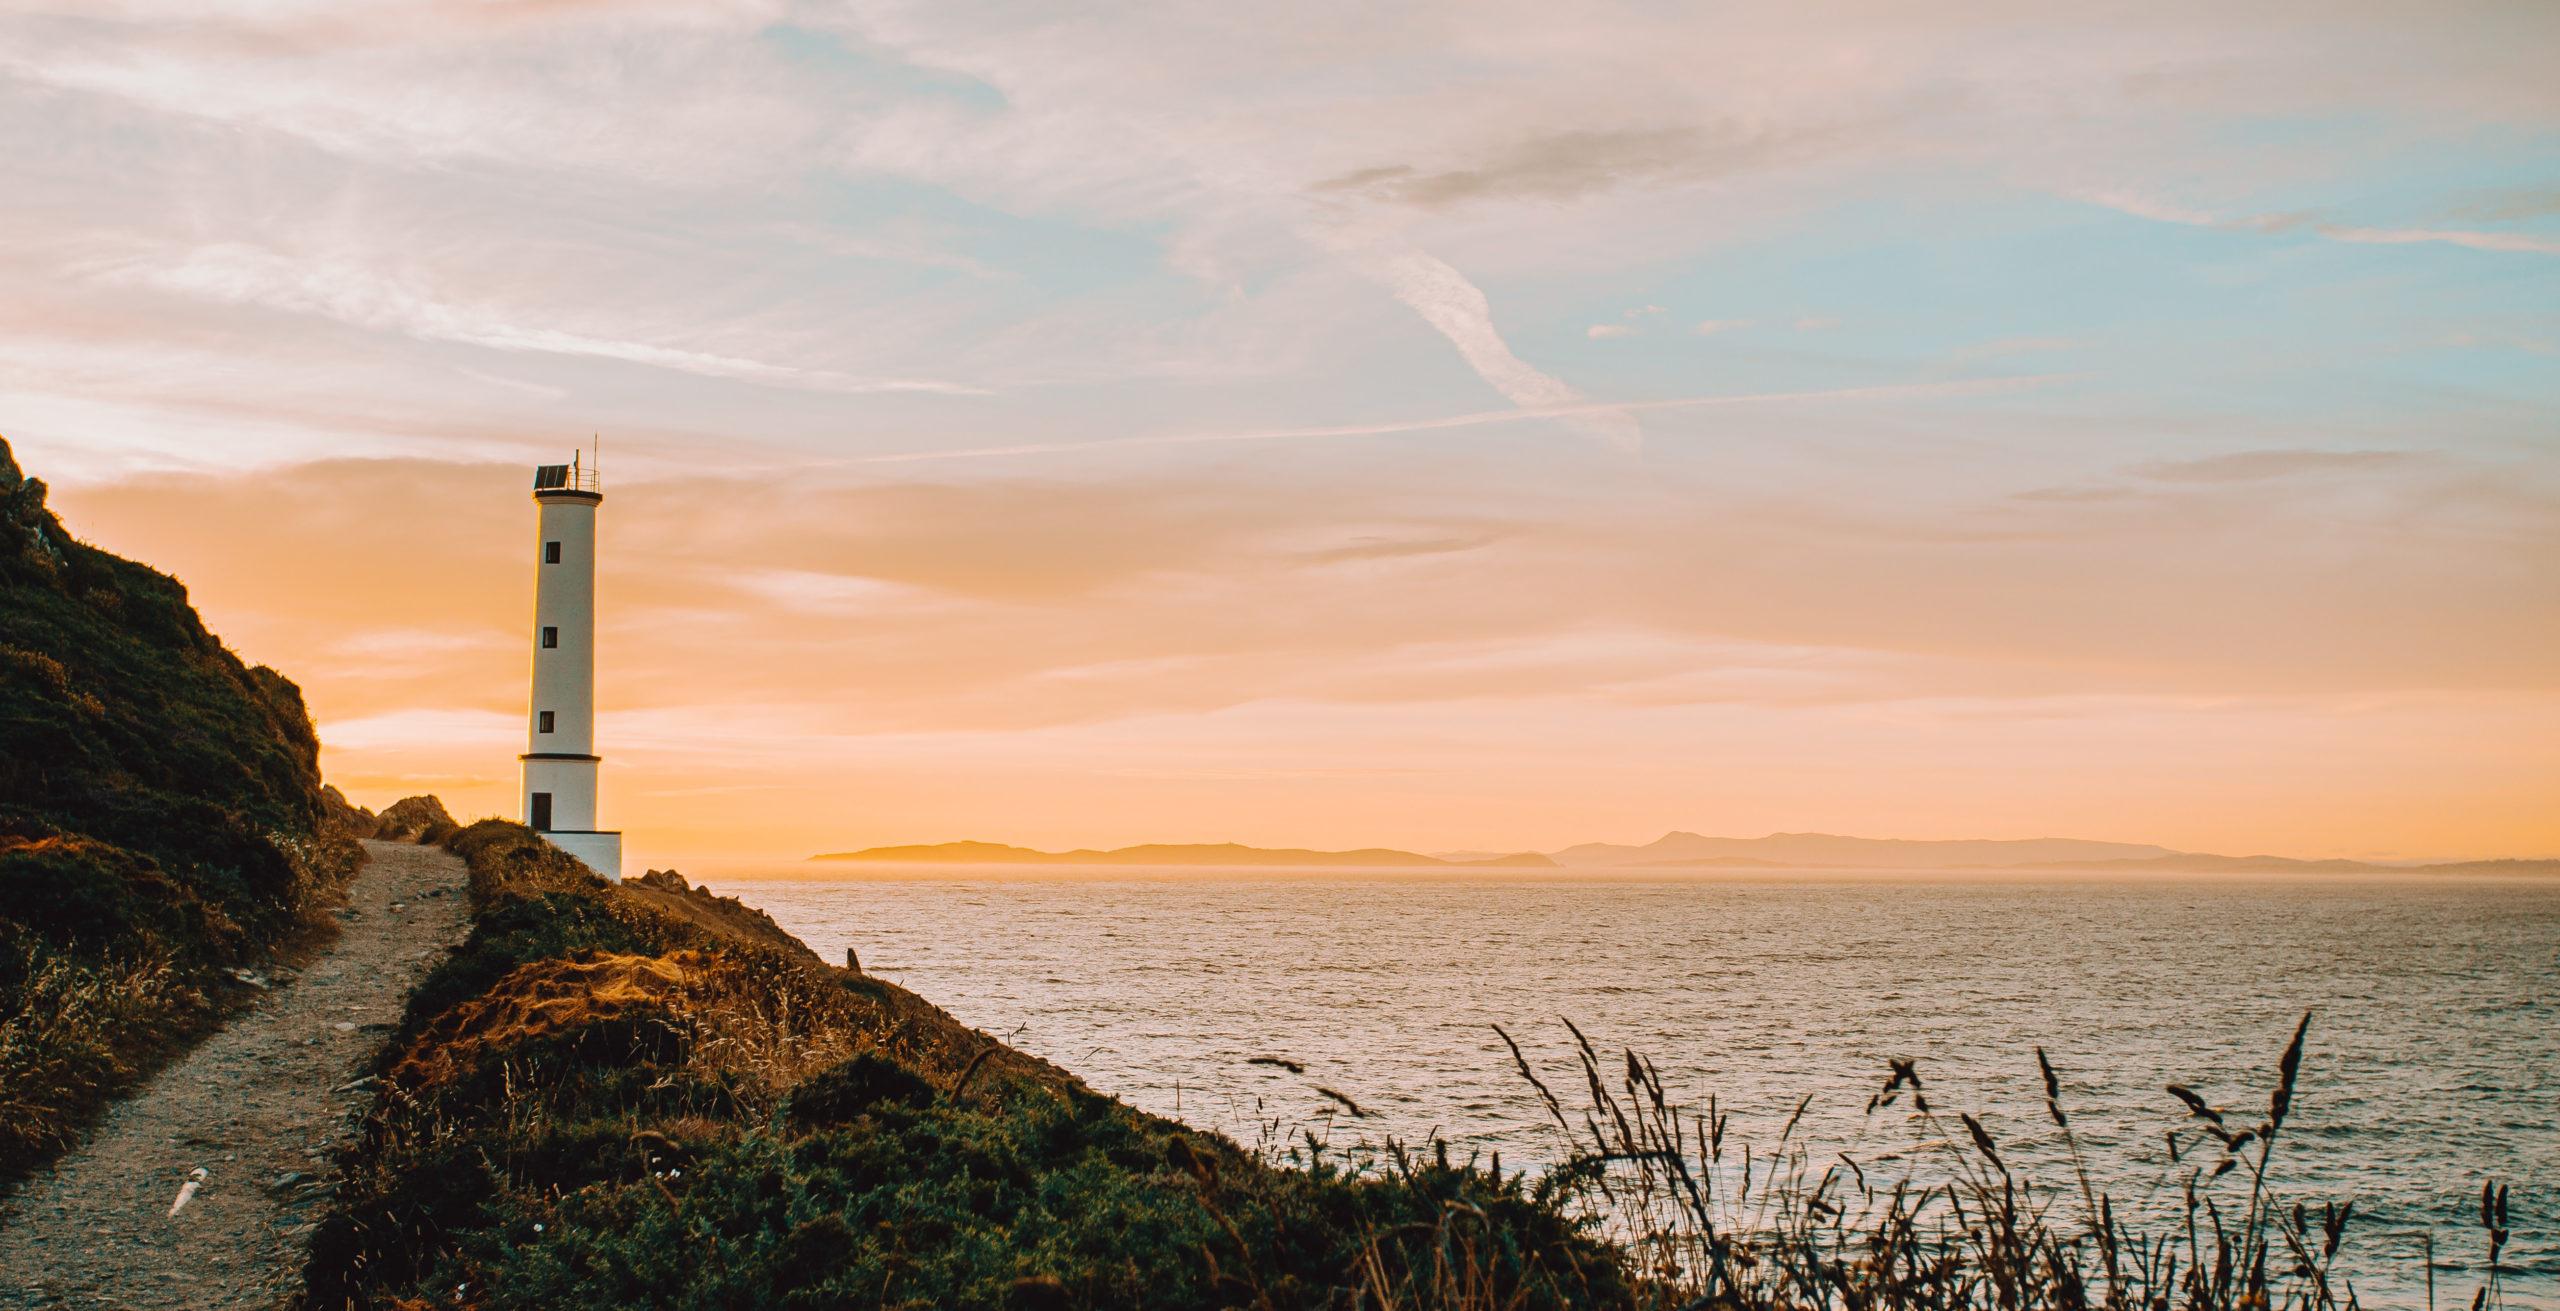 Weg zum Leuchtturm am Meer mit sanftem orangenem Himmellicht